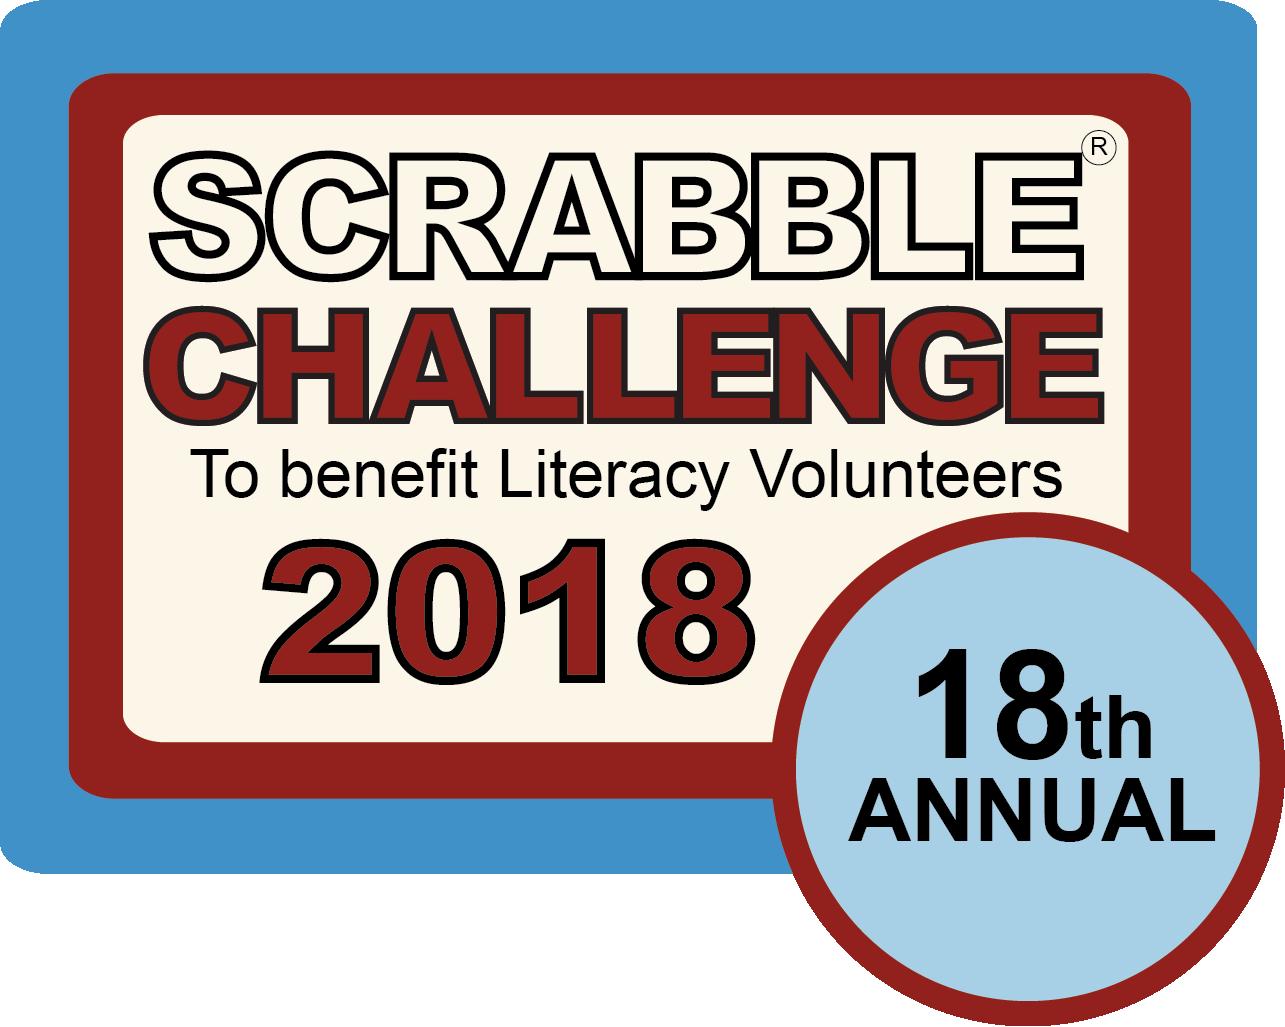 18th Annual Scrabble Challenge